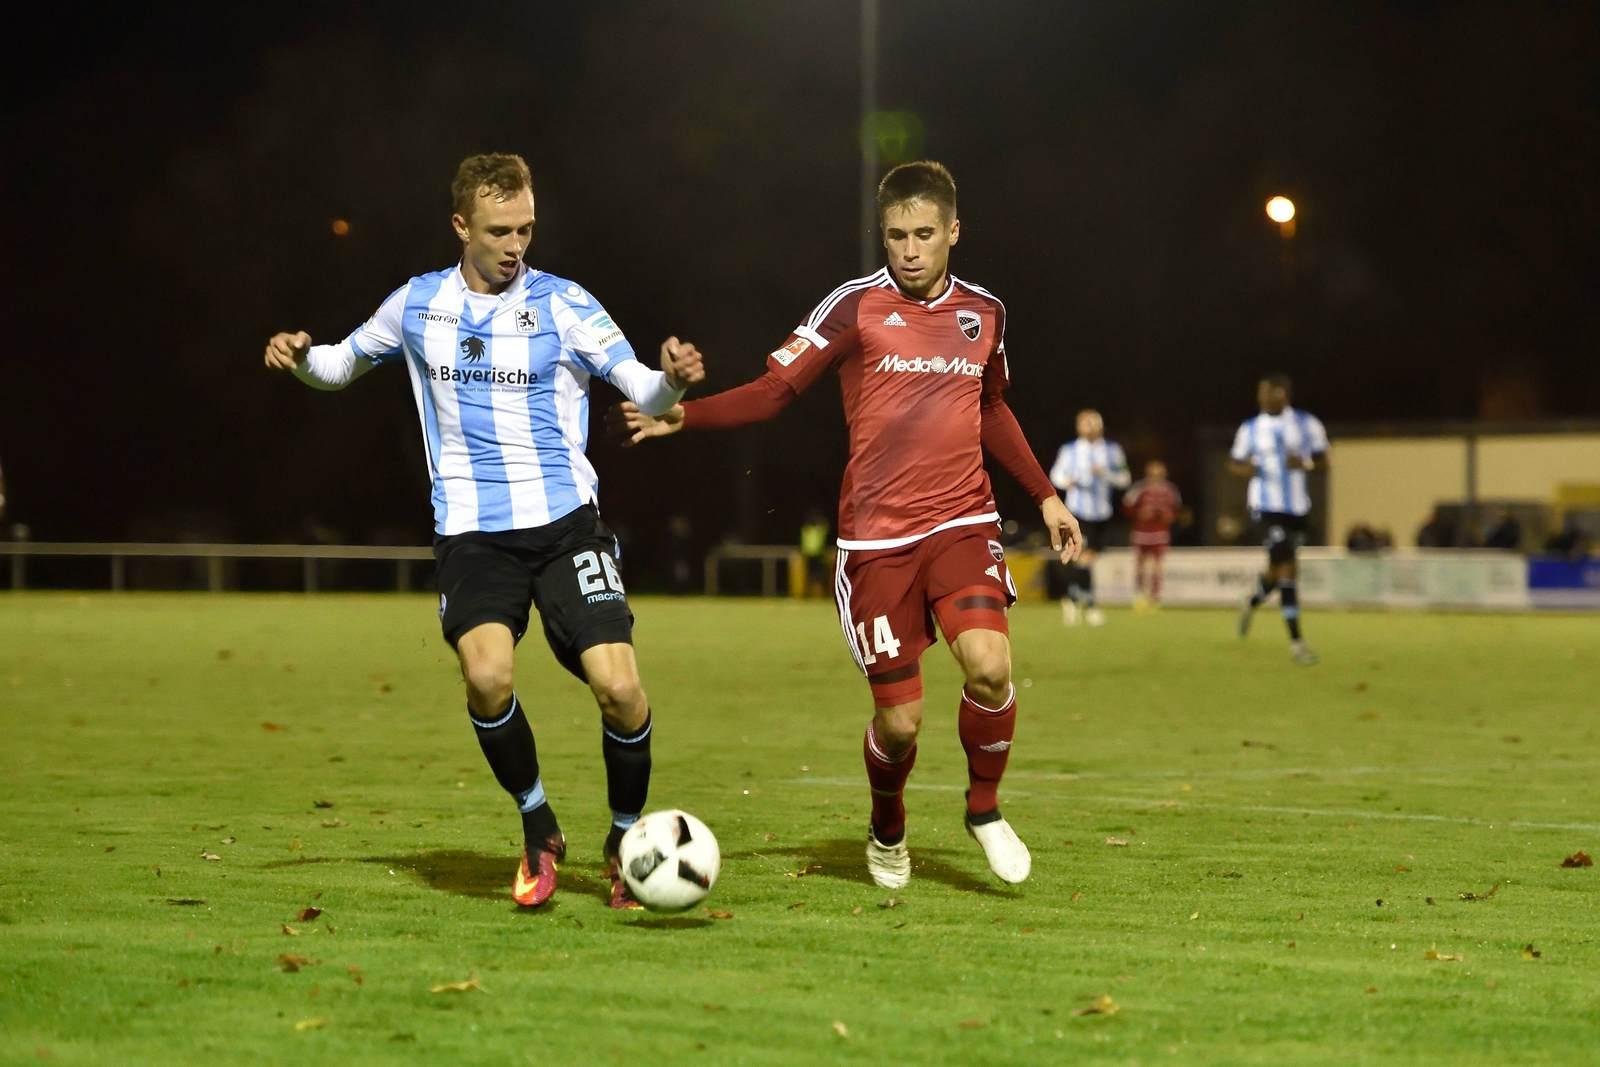 Felix Weber und Stefan Lex im Duell. Wer gewinnt das Pokalmatch zwischen 1860 München und dem FC Ingolstadt? Jetzt darauf wetten.